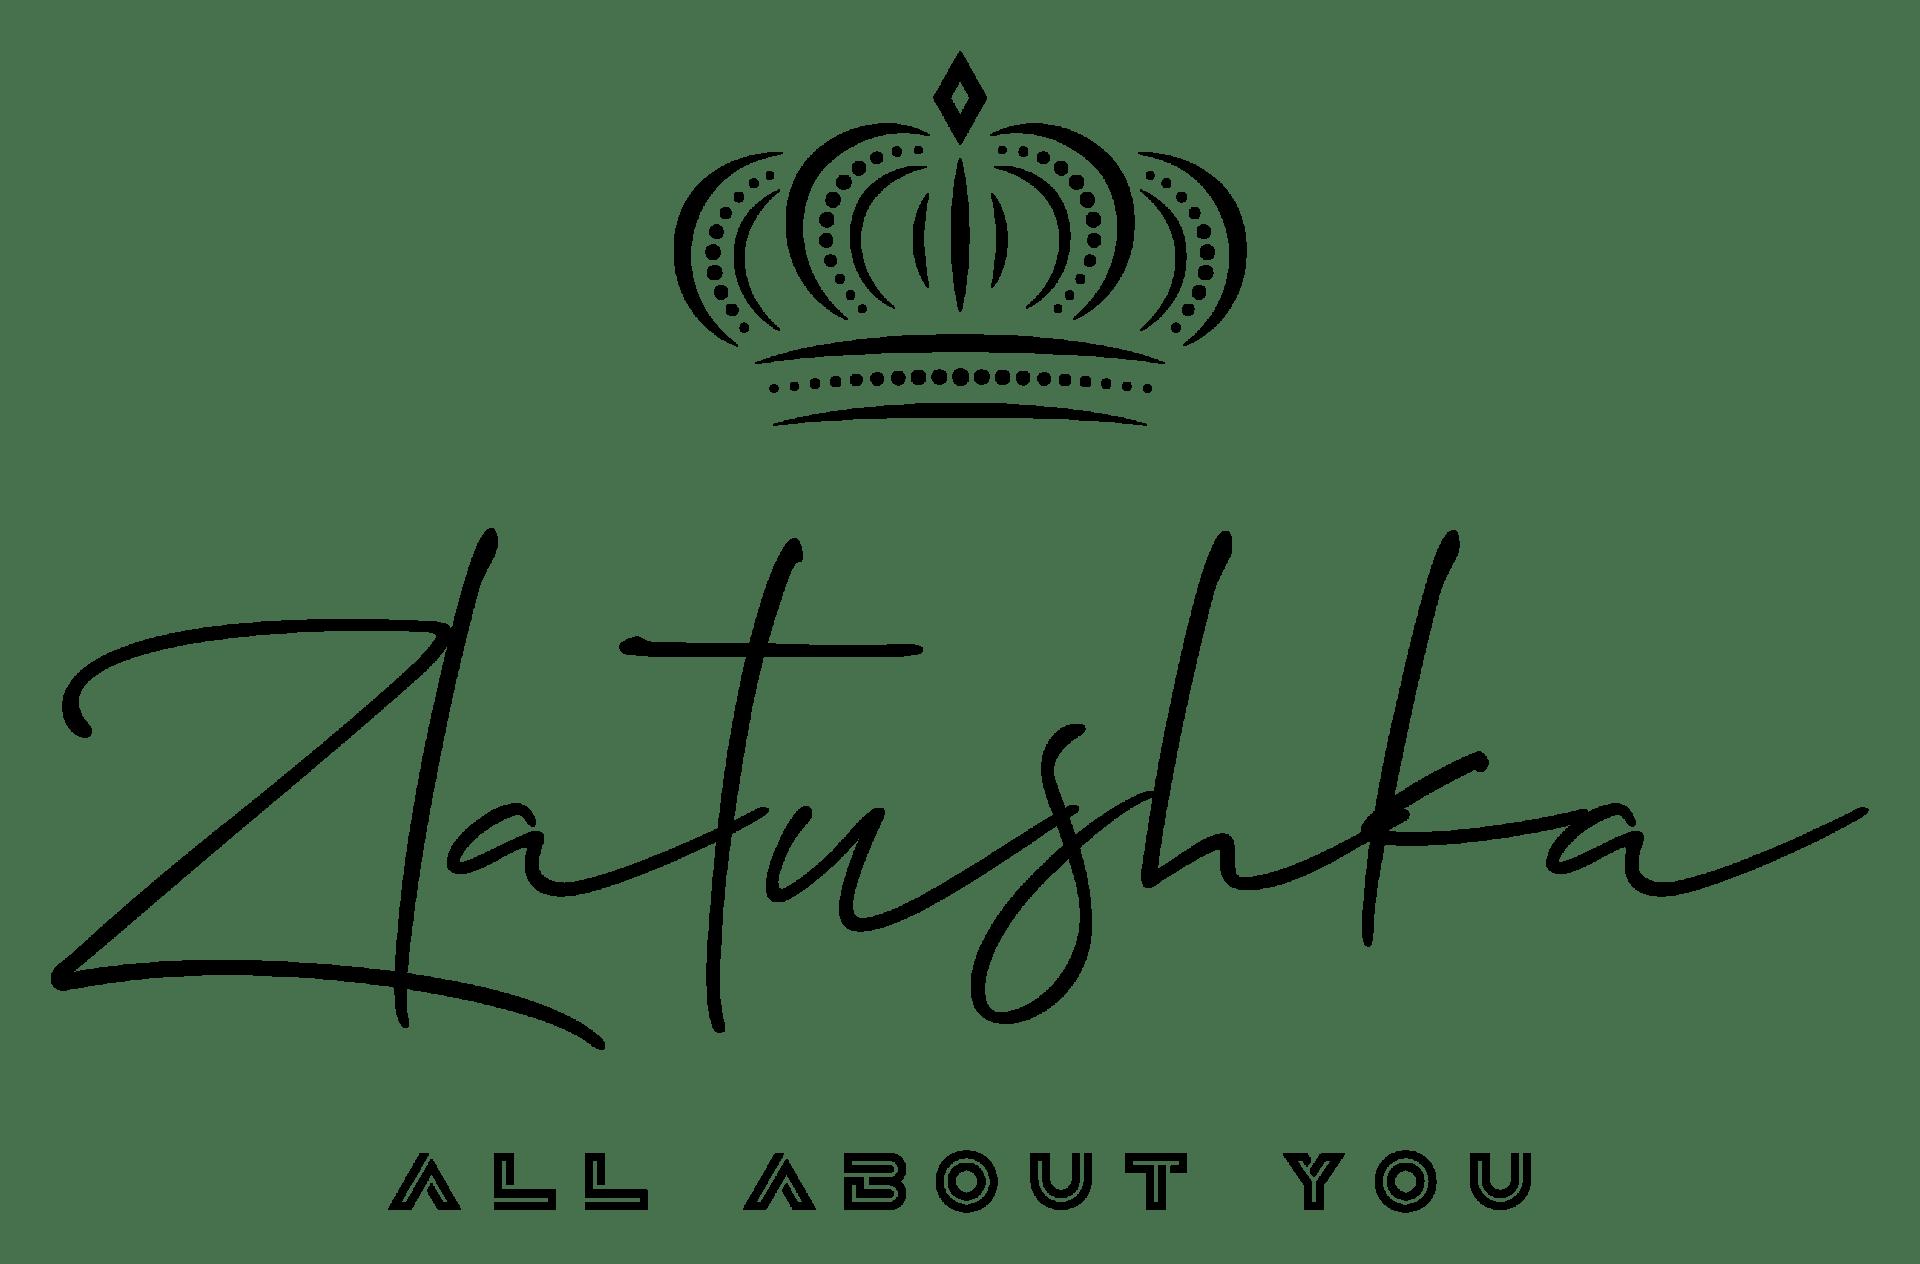 Boutique Zlatushka